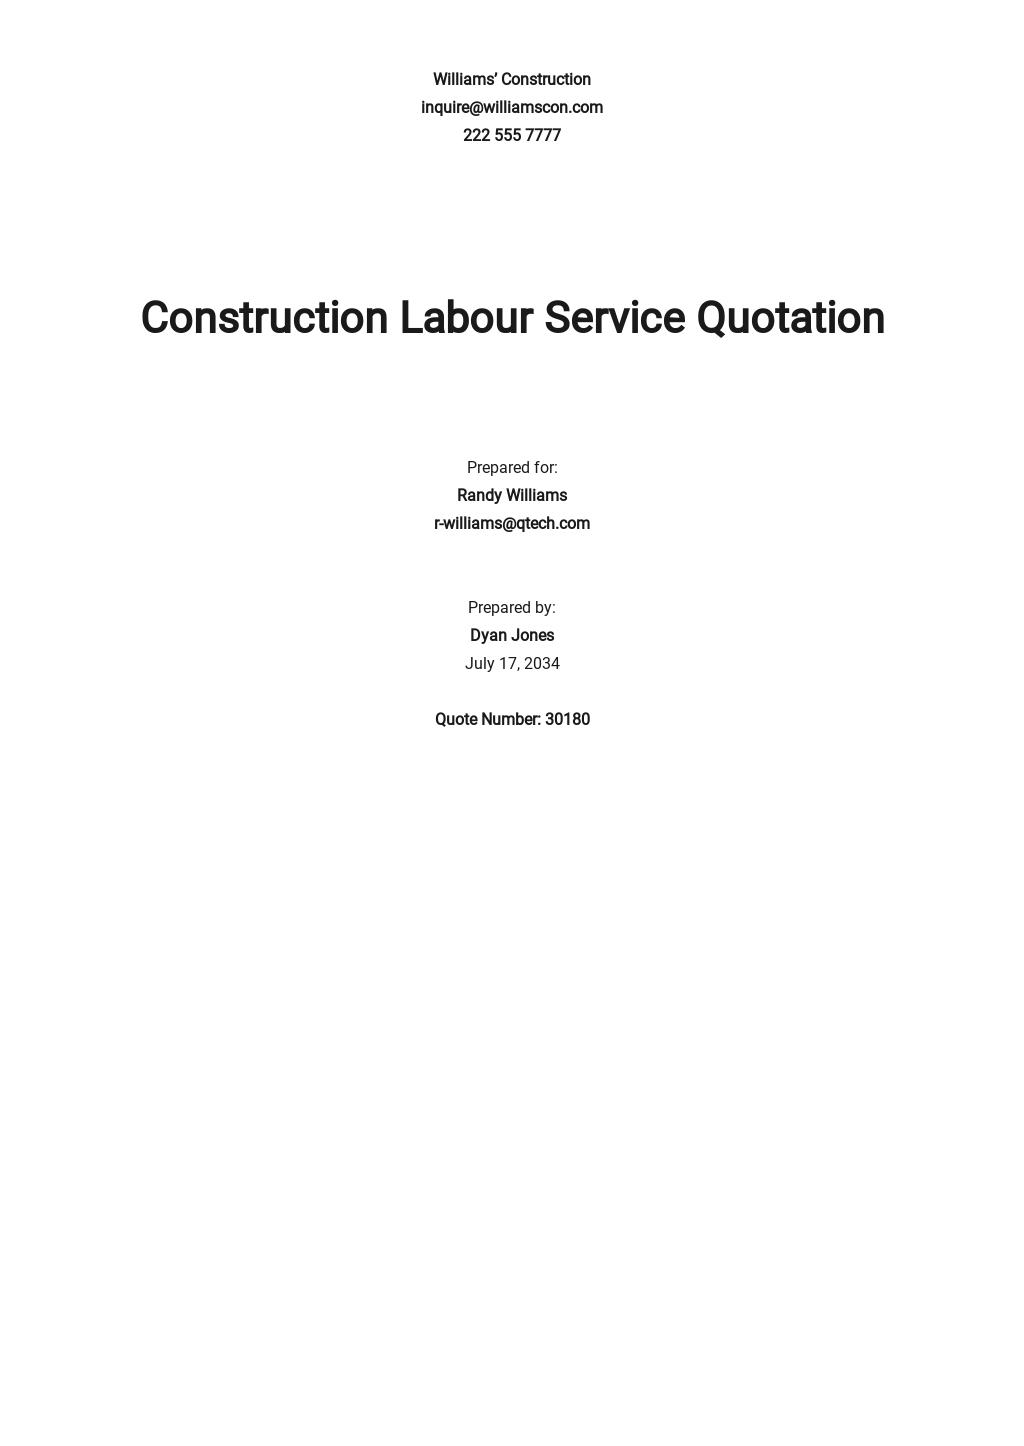 Construction Labour Quotation Template